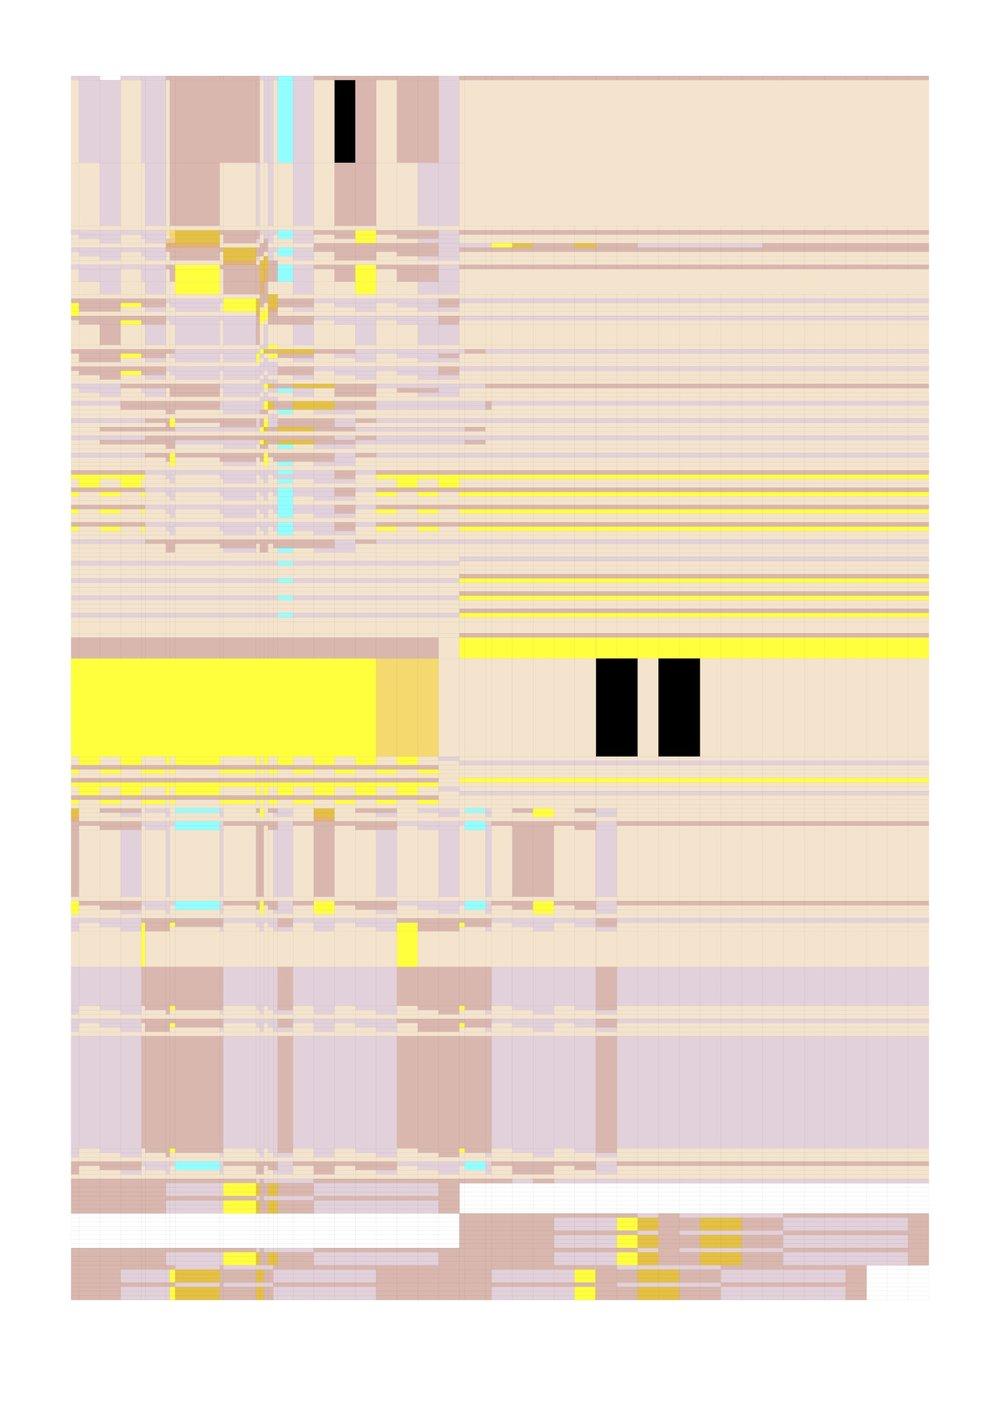 SHAPELINE - Sheet1 (3).jpg